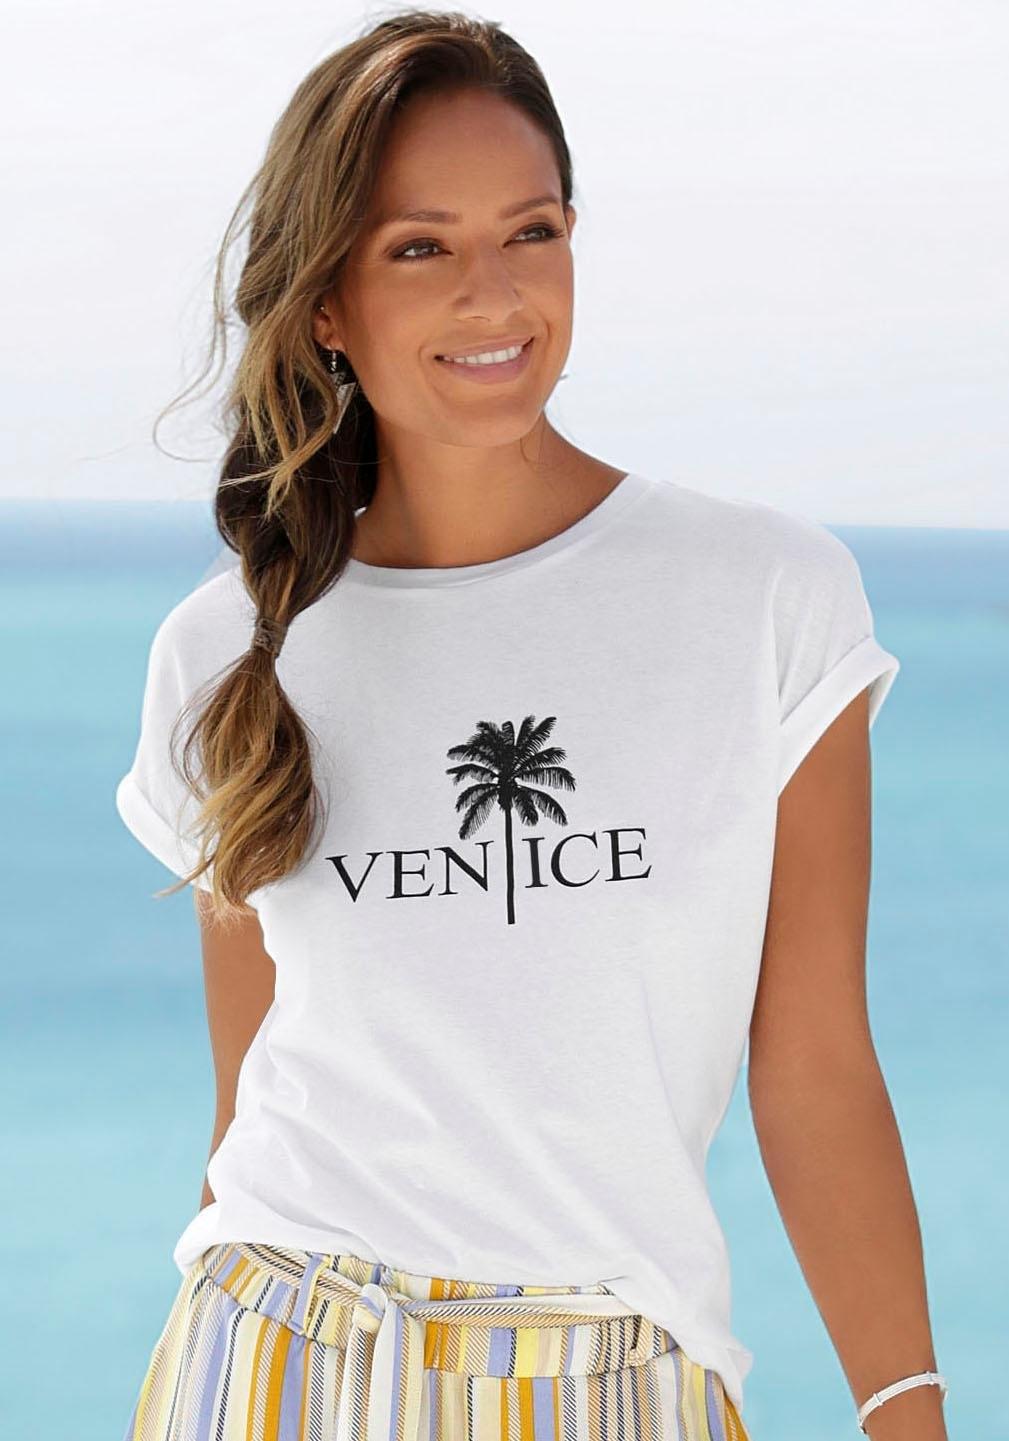 Venice Beach shirt met ronde hals met frontprint goedkoop op otto.nl kopen